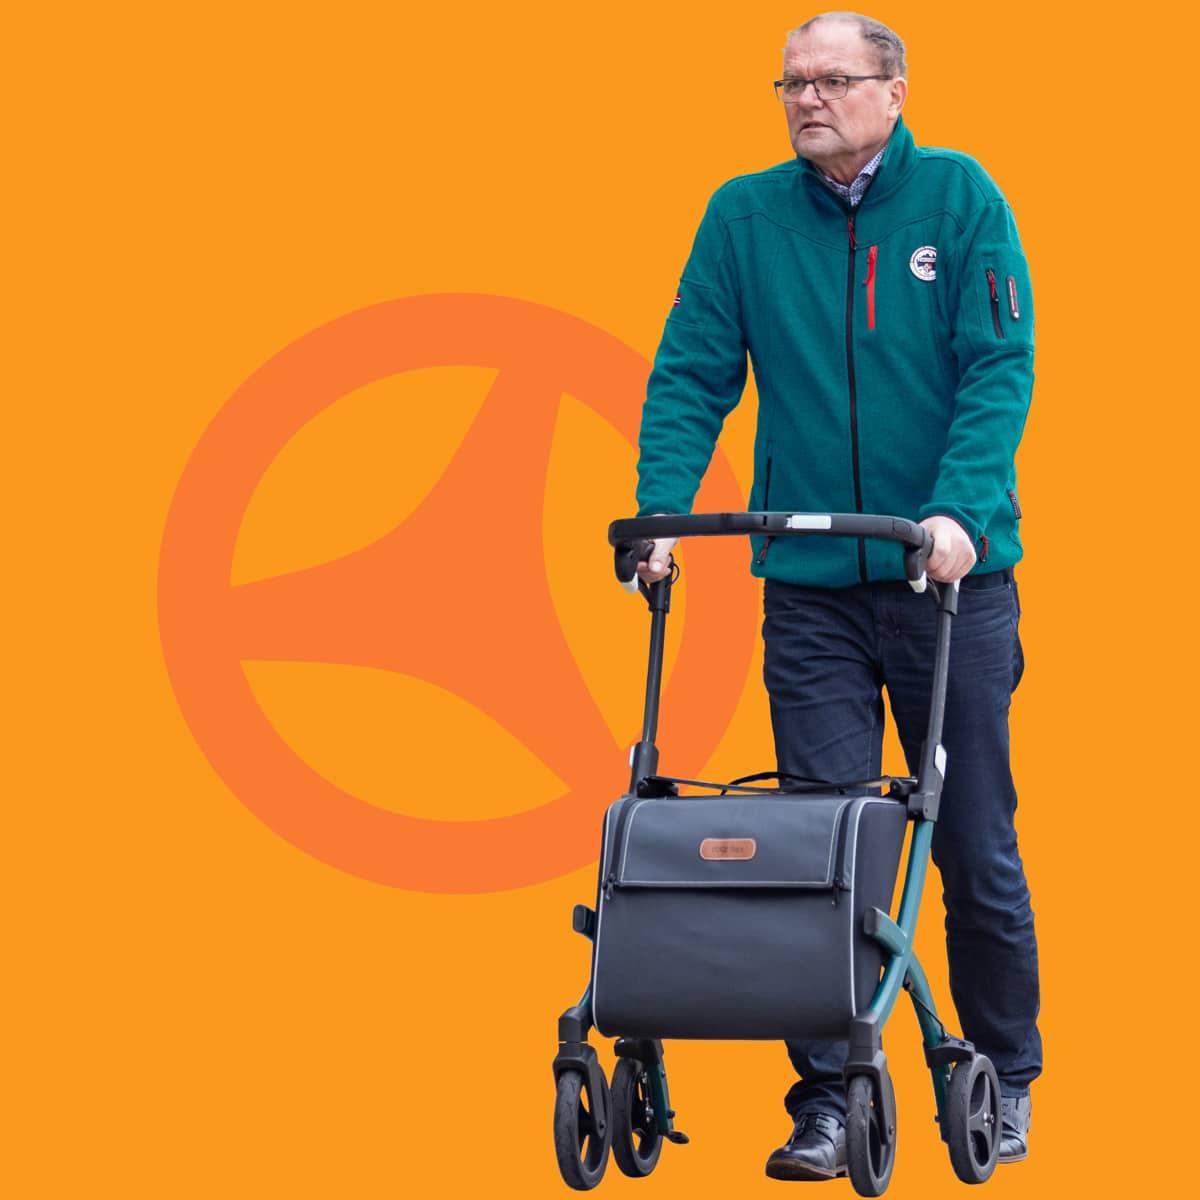 Mann geht mit einem Rollz Flex Rollator mit großer Einkaufstasche